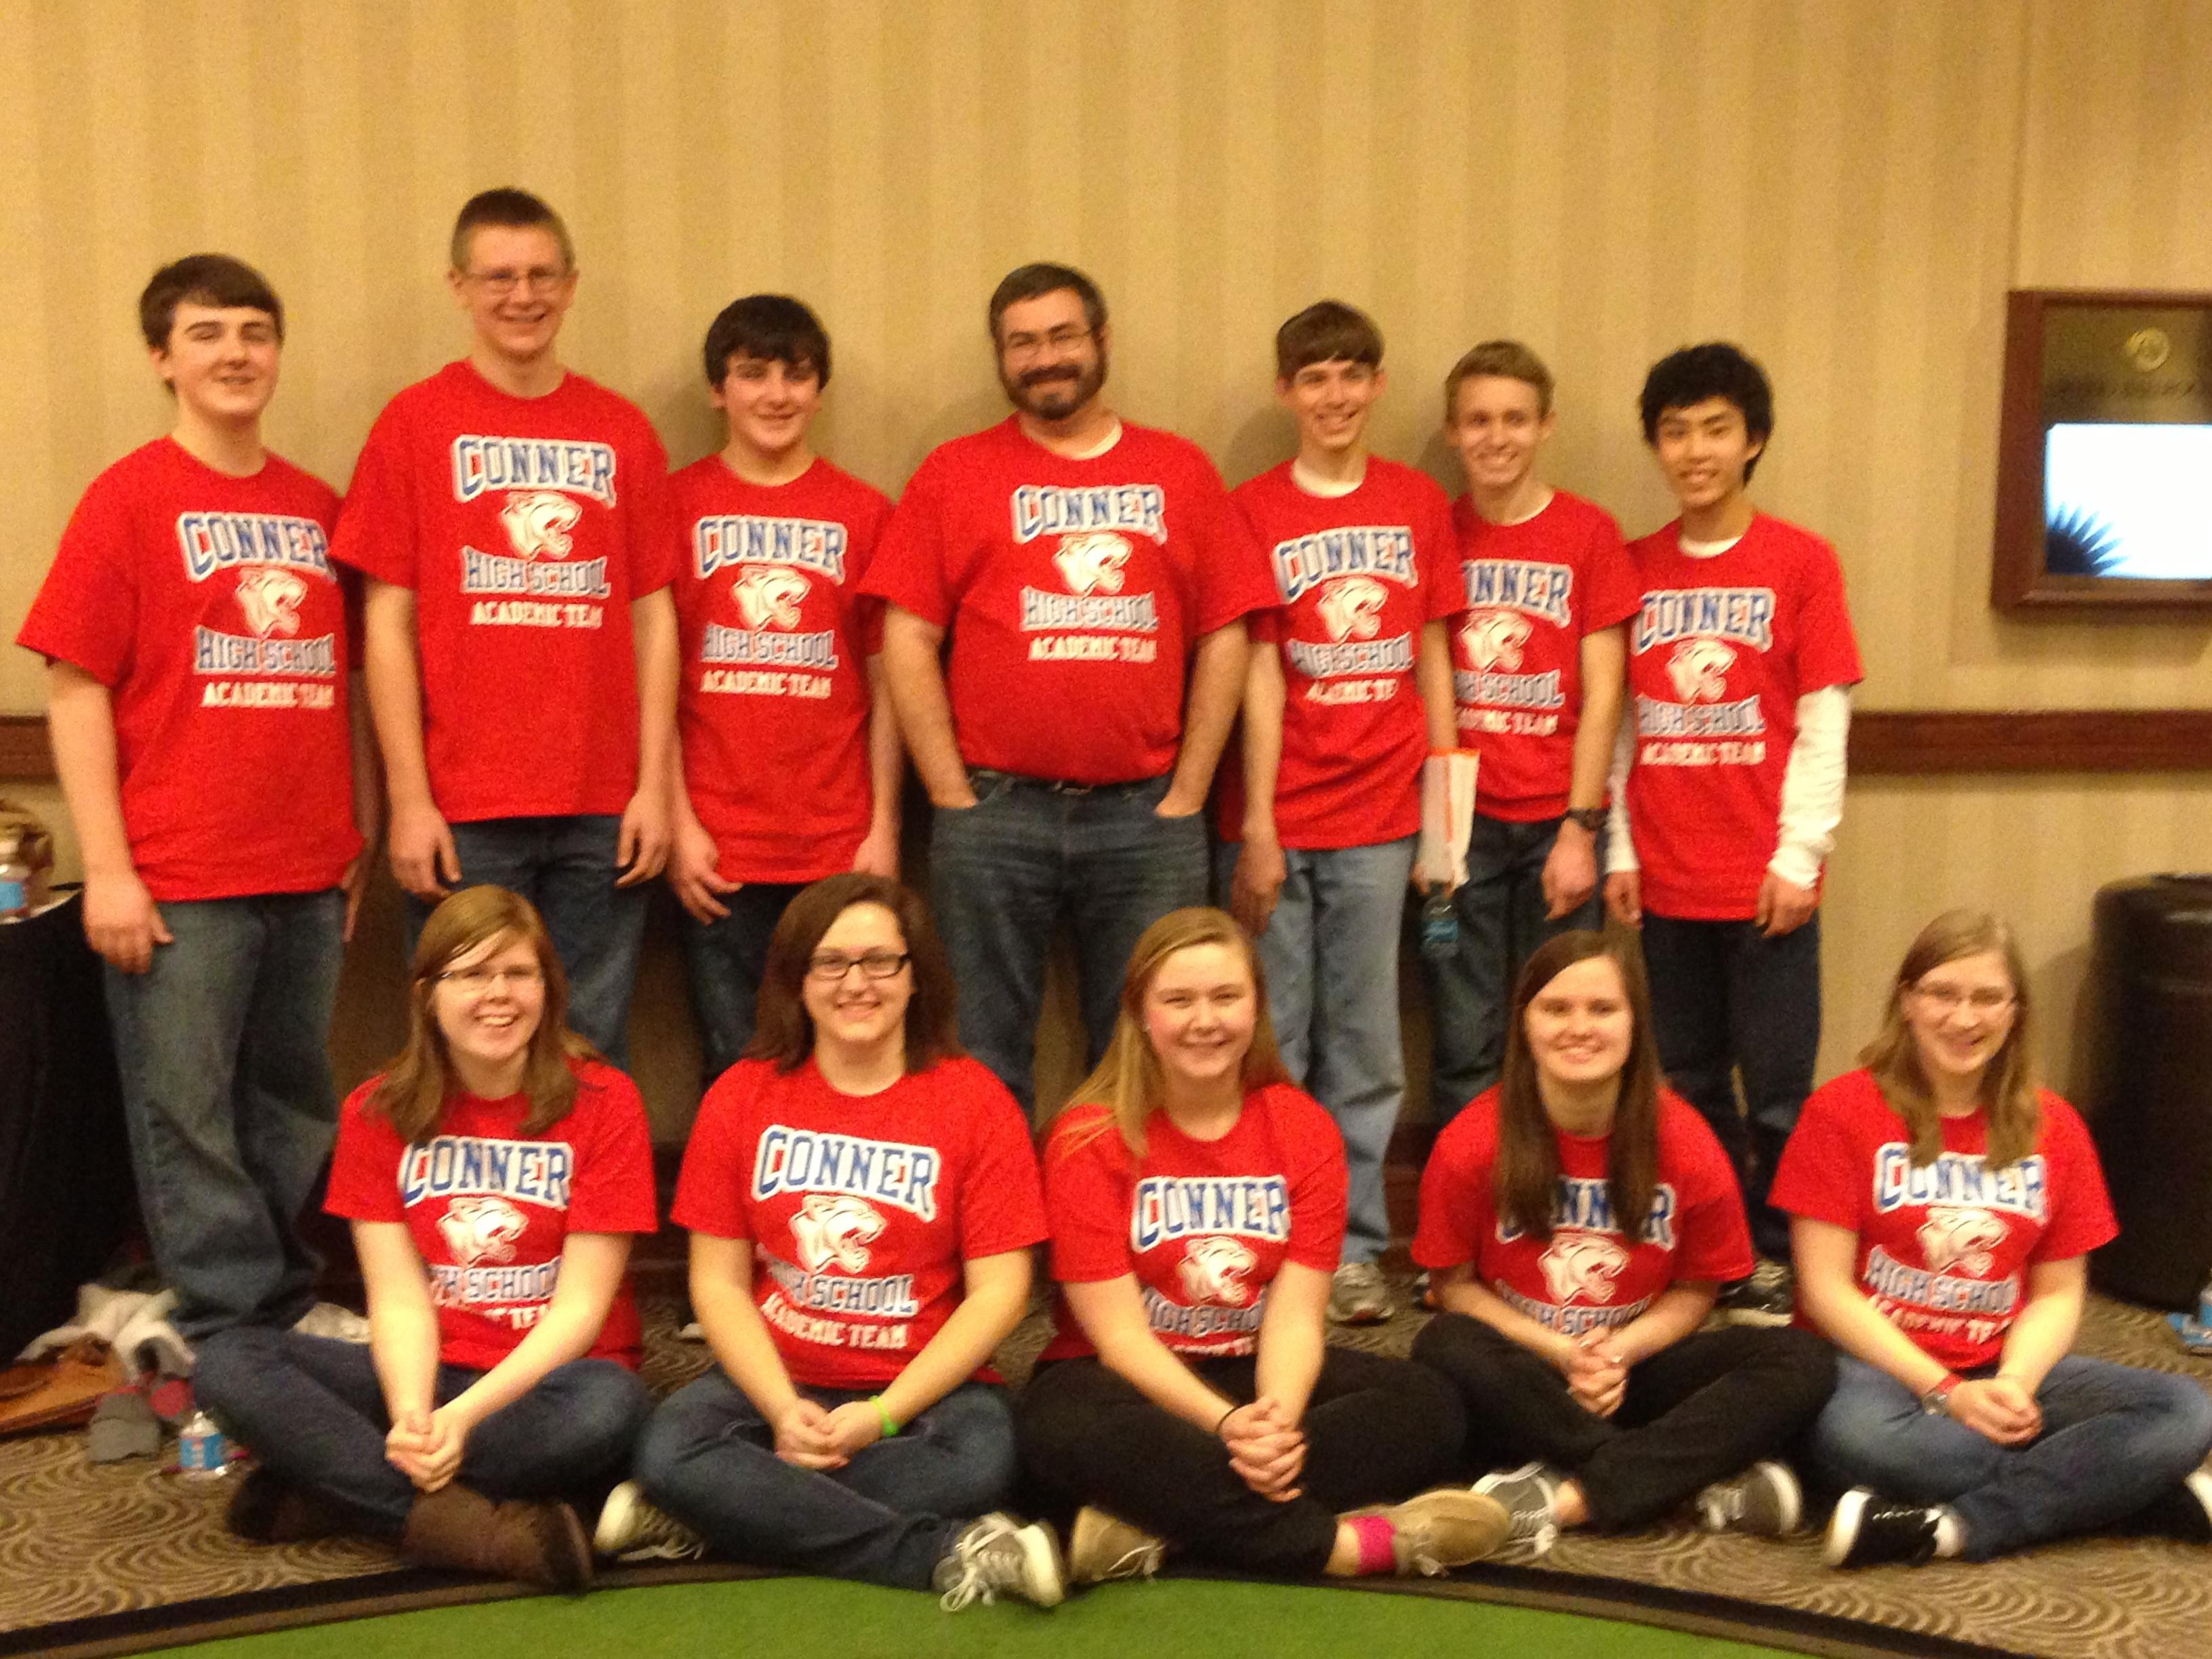 Shirt design louisville ky - Conner High School Academic Team T Shirt Photo